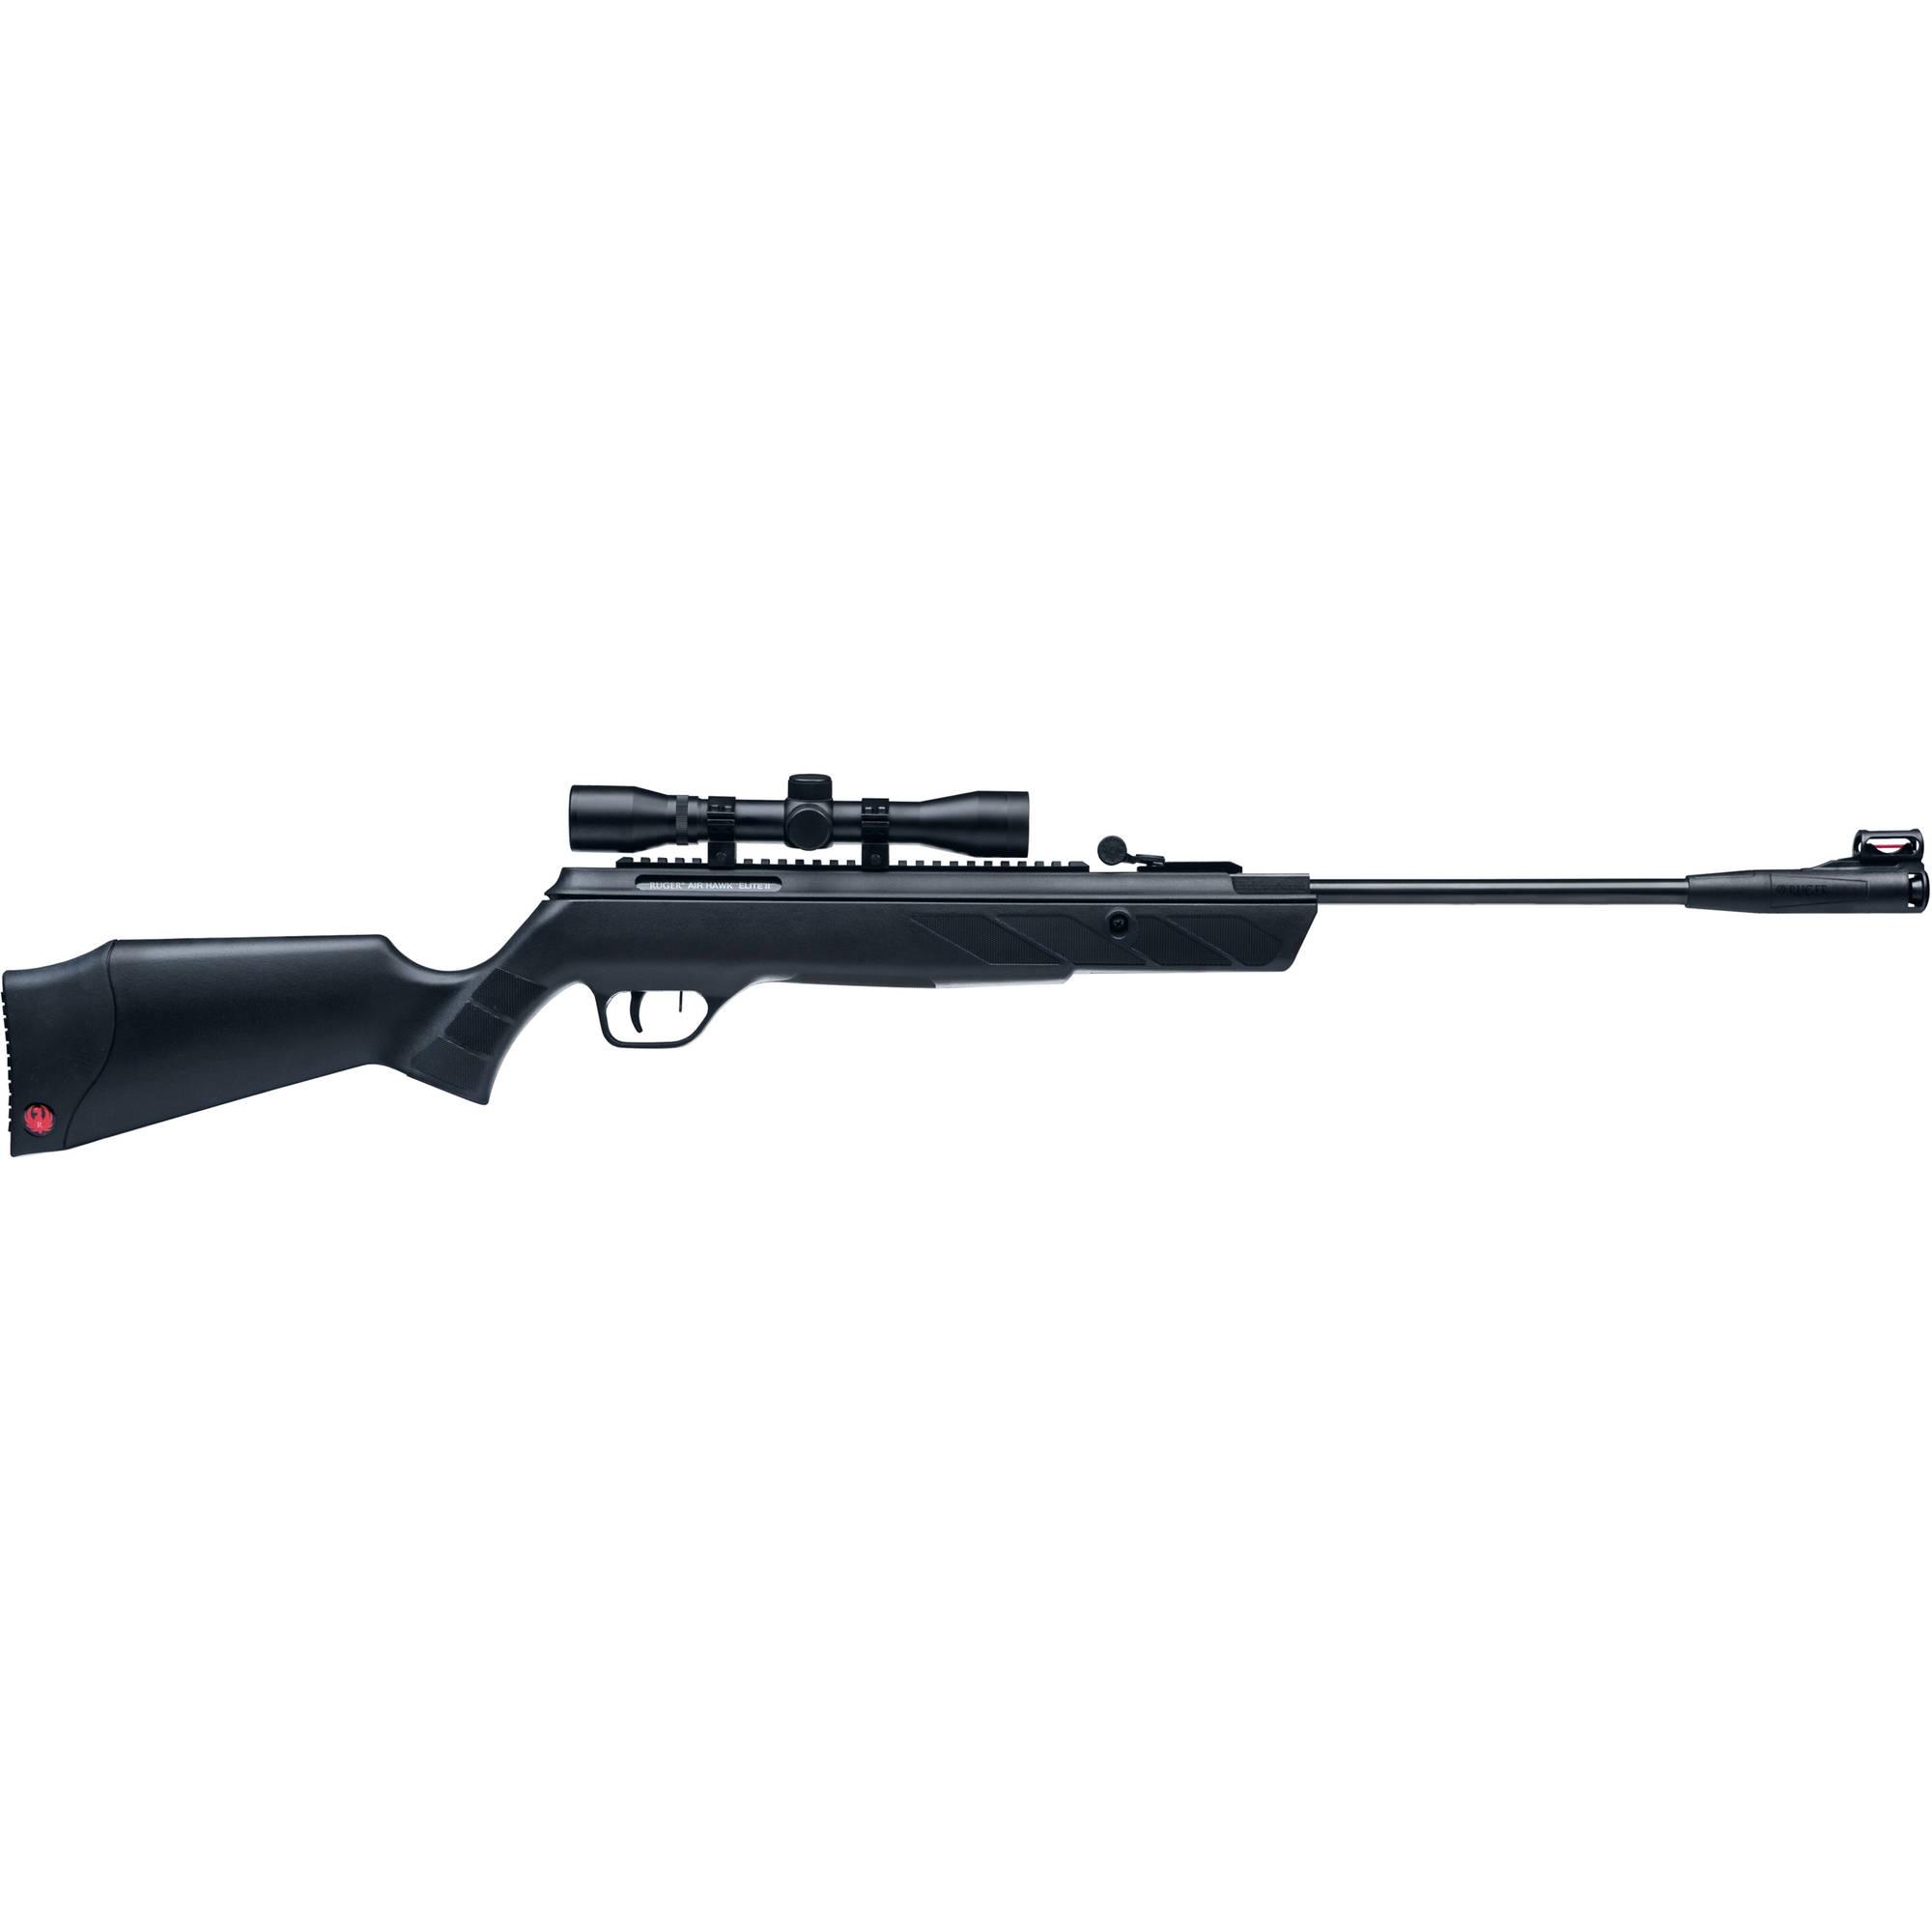 Air Guns, Pellet Guns, BB Guns on clearance, as low as $5. Maybe YMMV.